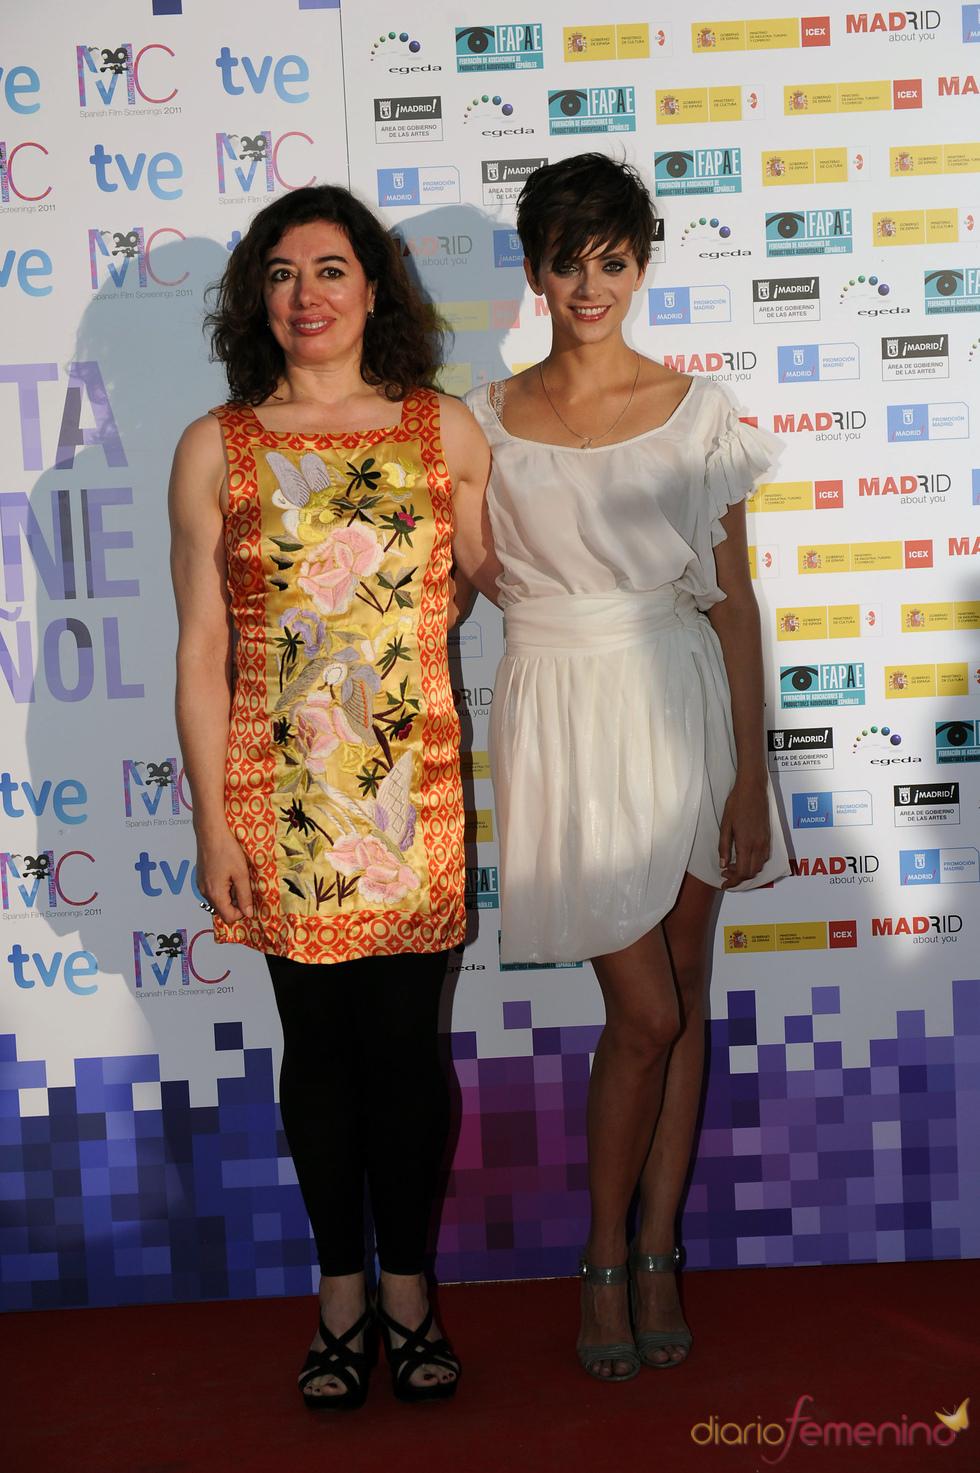 Macarena Gómez en la Fiesta del Cine español